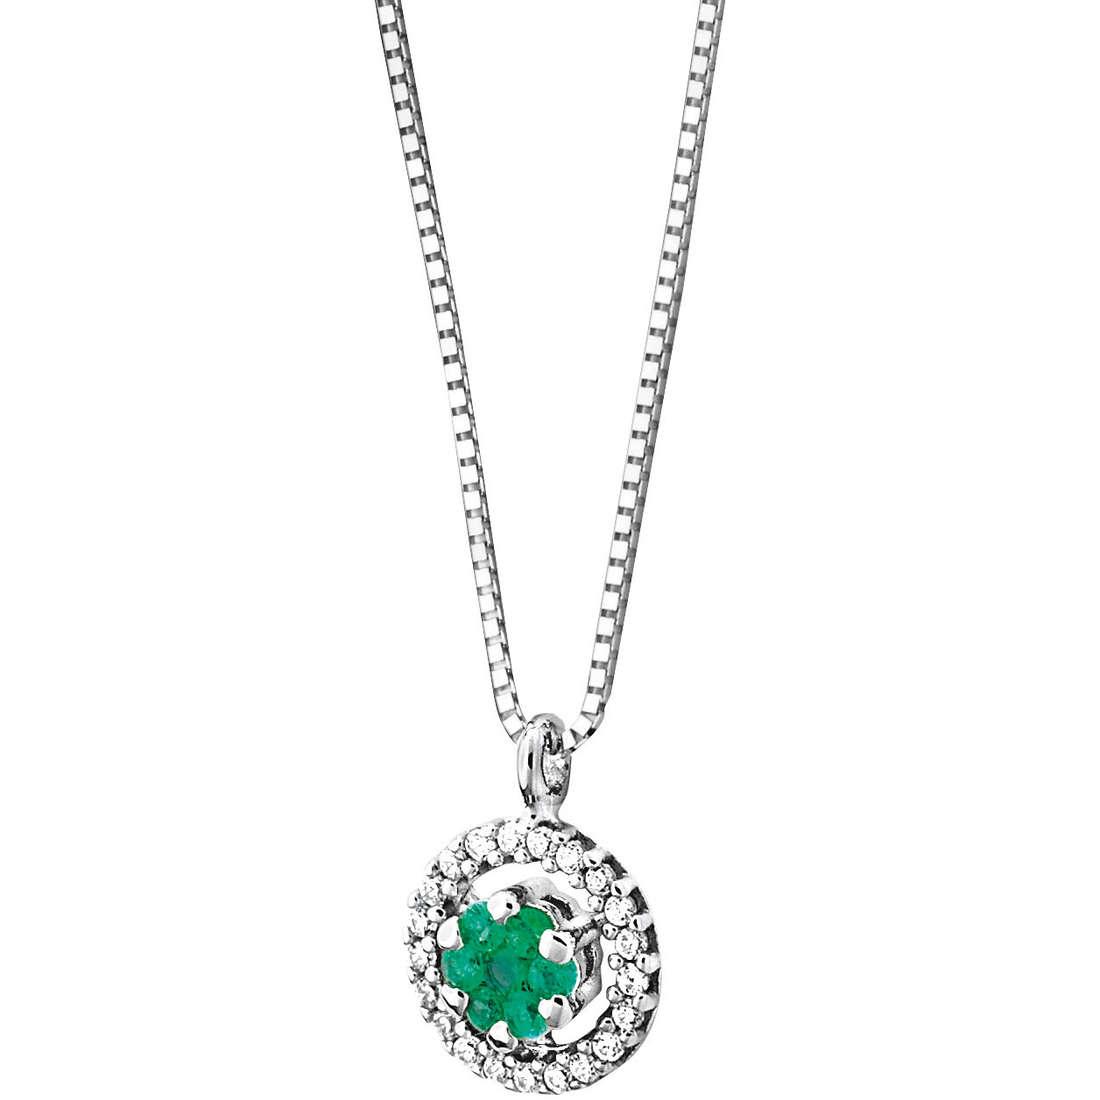 collana donna gioielli Comete Pietre preziose colorate GLB 739